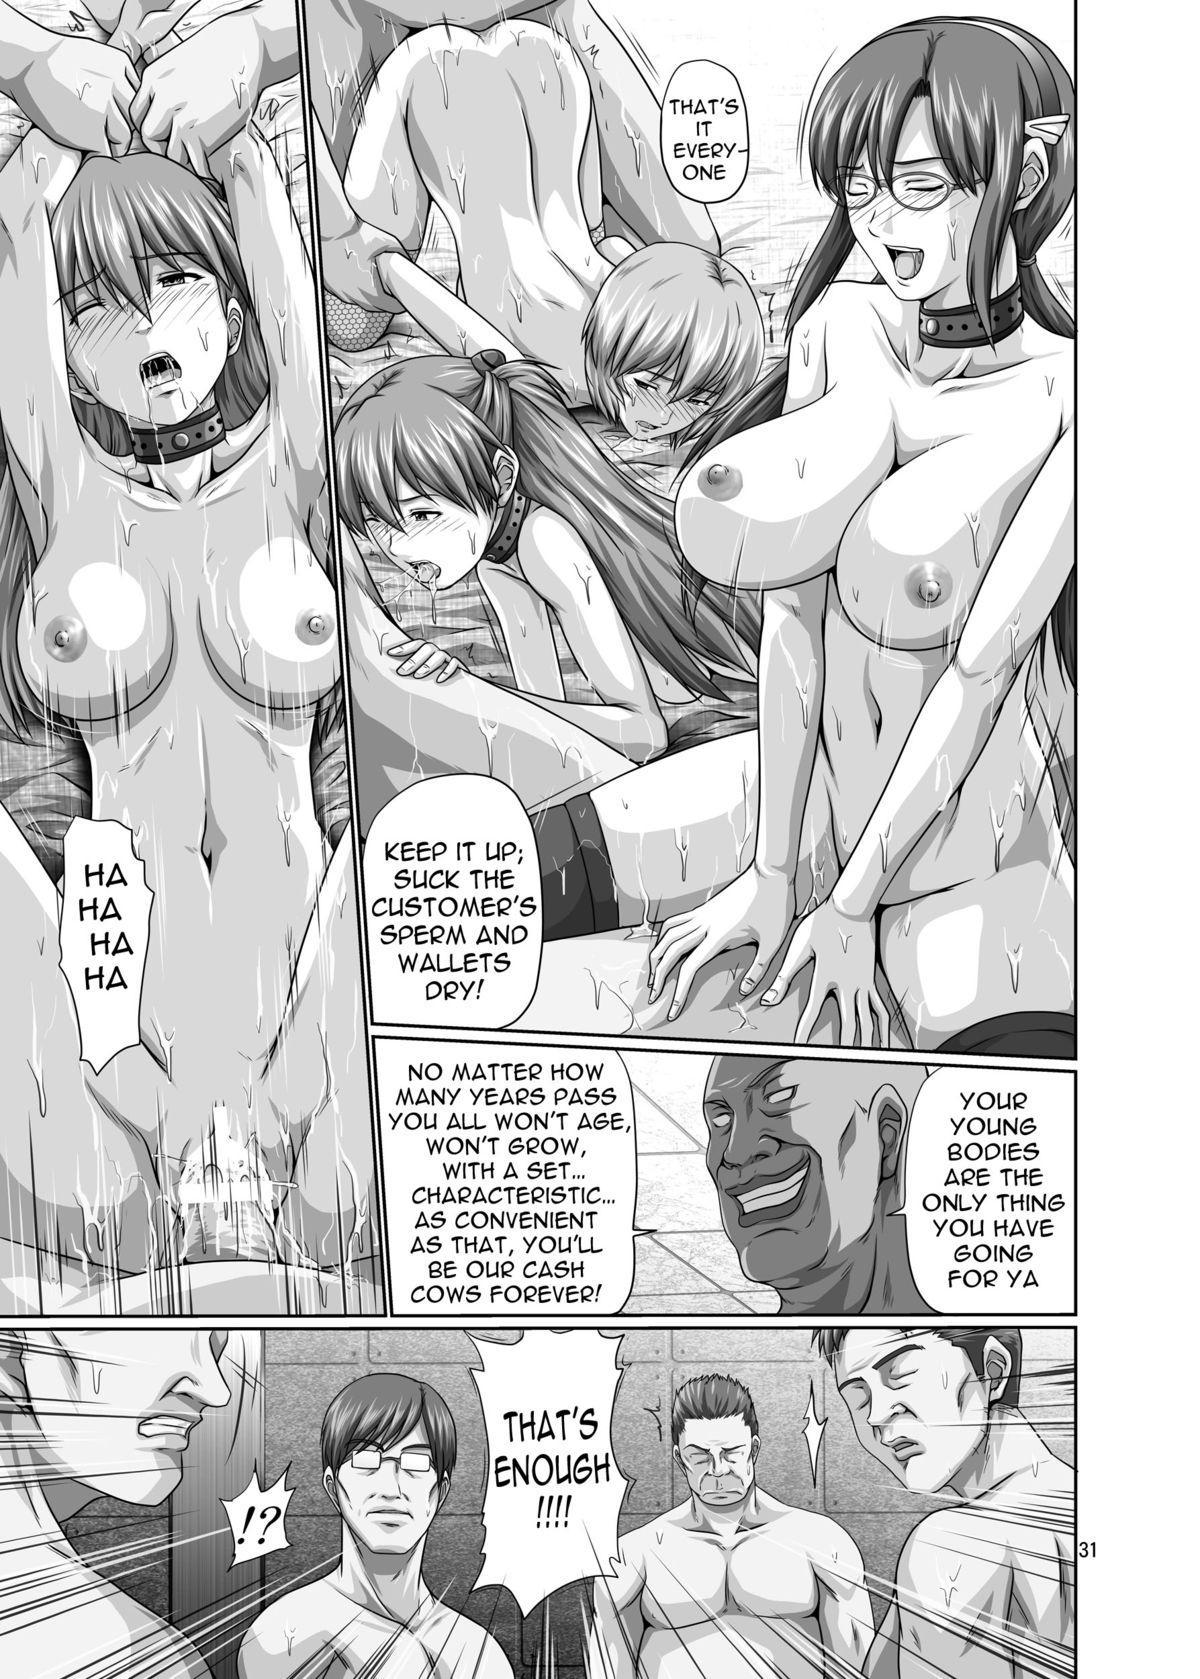 Seiteki Yokkyou Hokan Keikaku San | Sexual Desire Fulfillment Plan 29